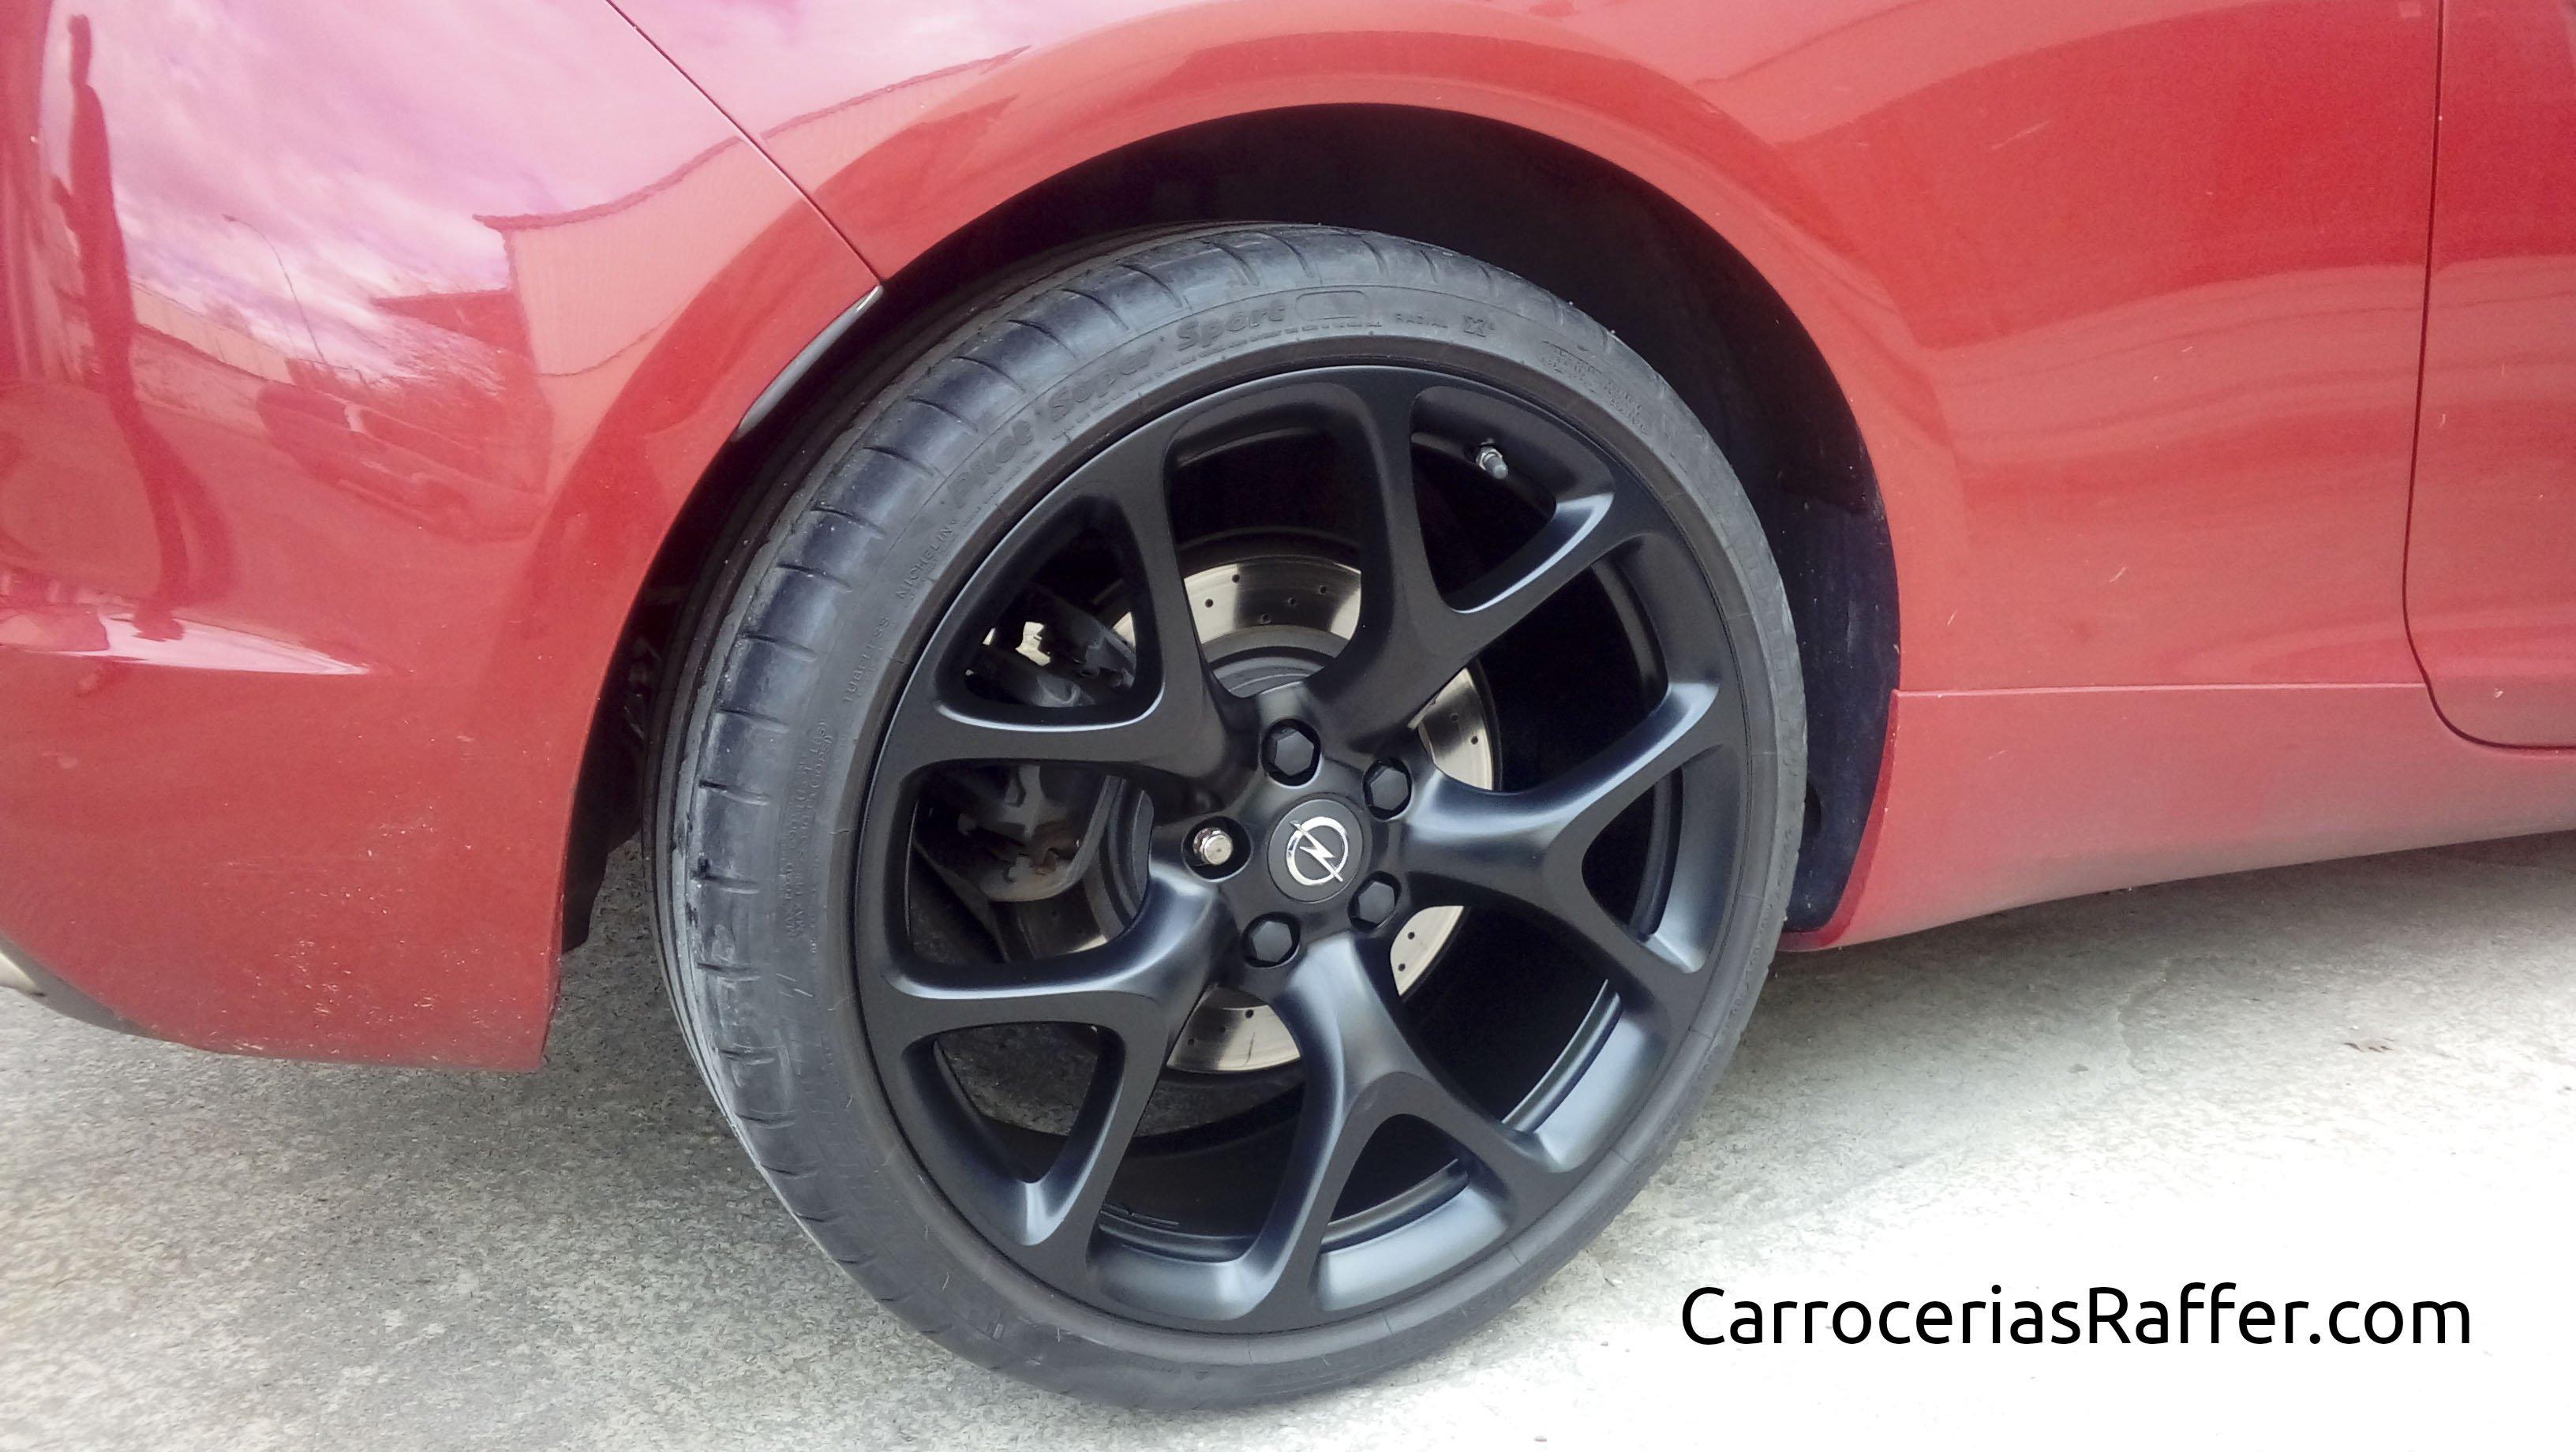 4 pintar ruedas carrocerias raffer hernani gipuzkoa